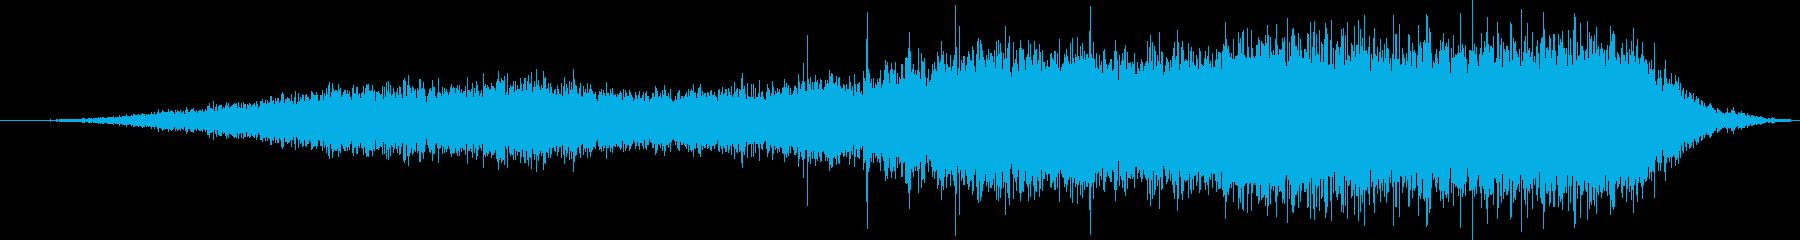 1938ジェンセンデュアルカウル:...の再生済みの波形